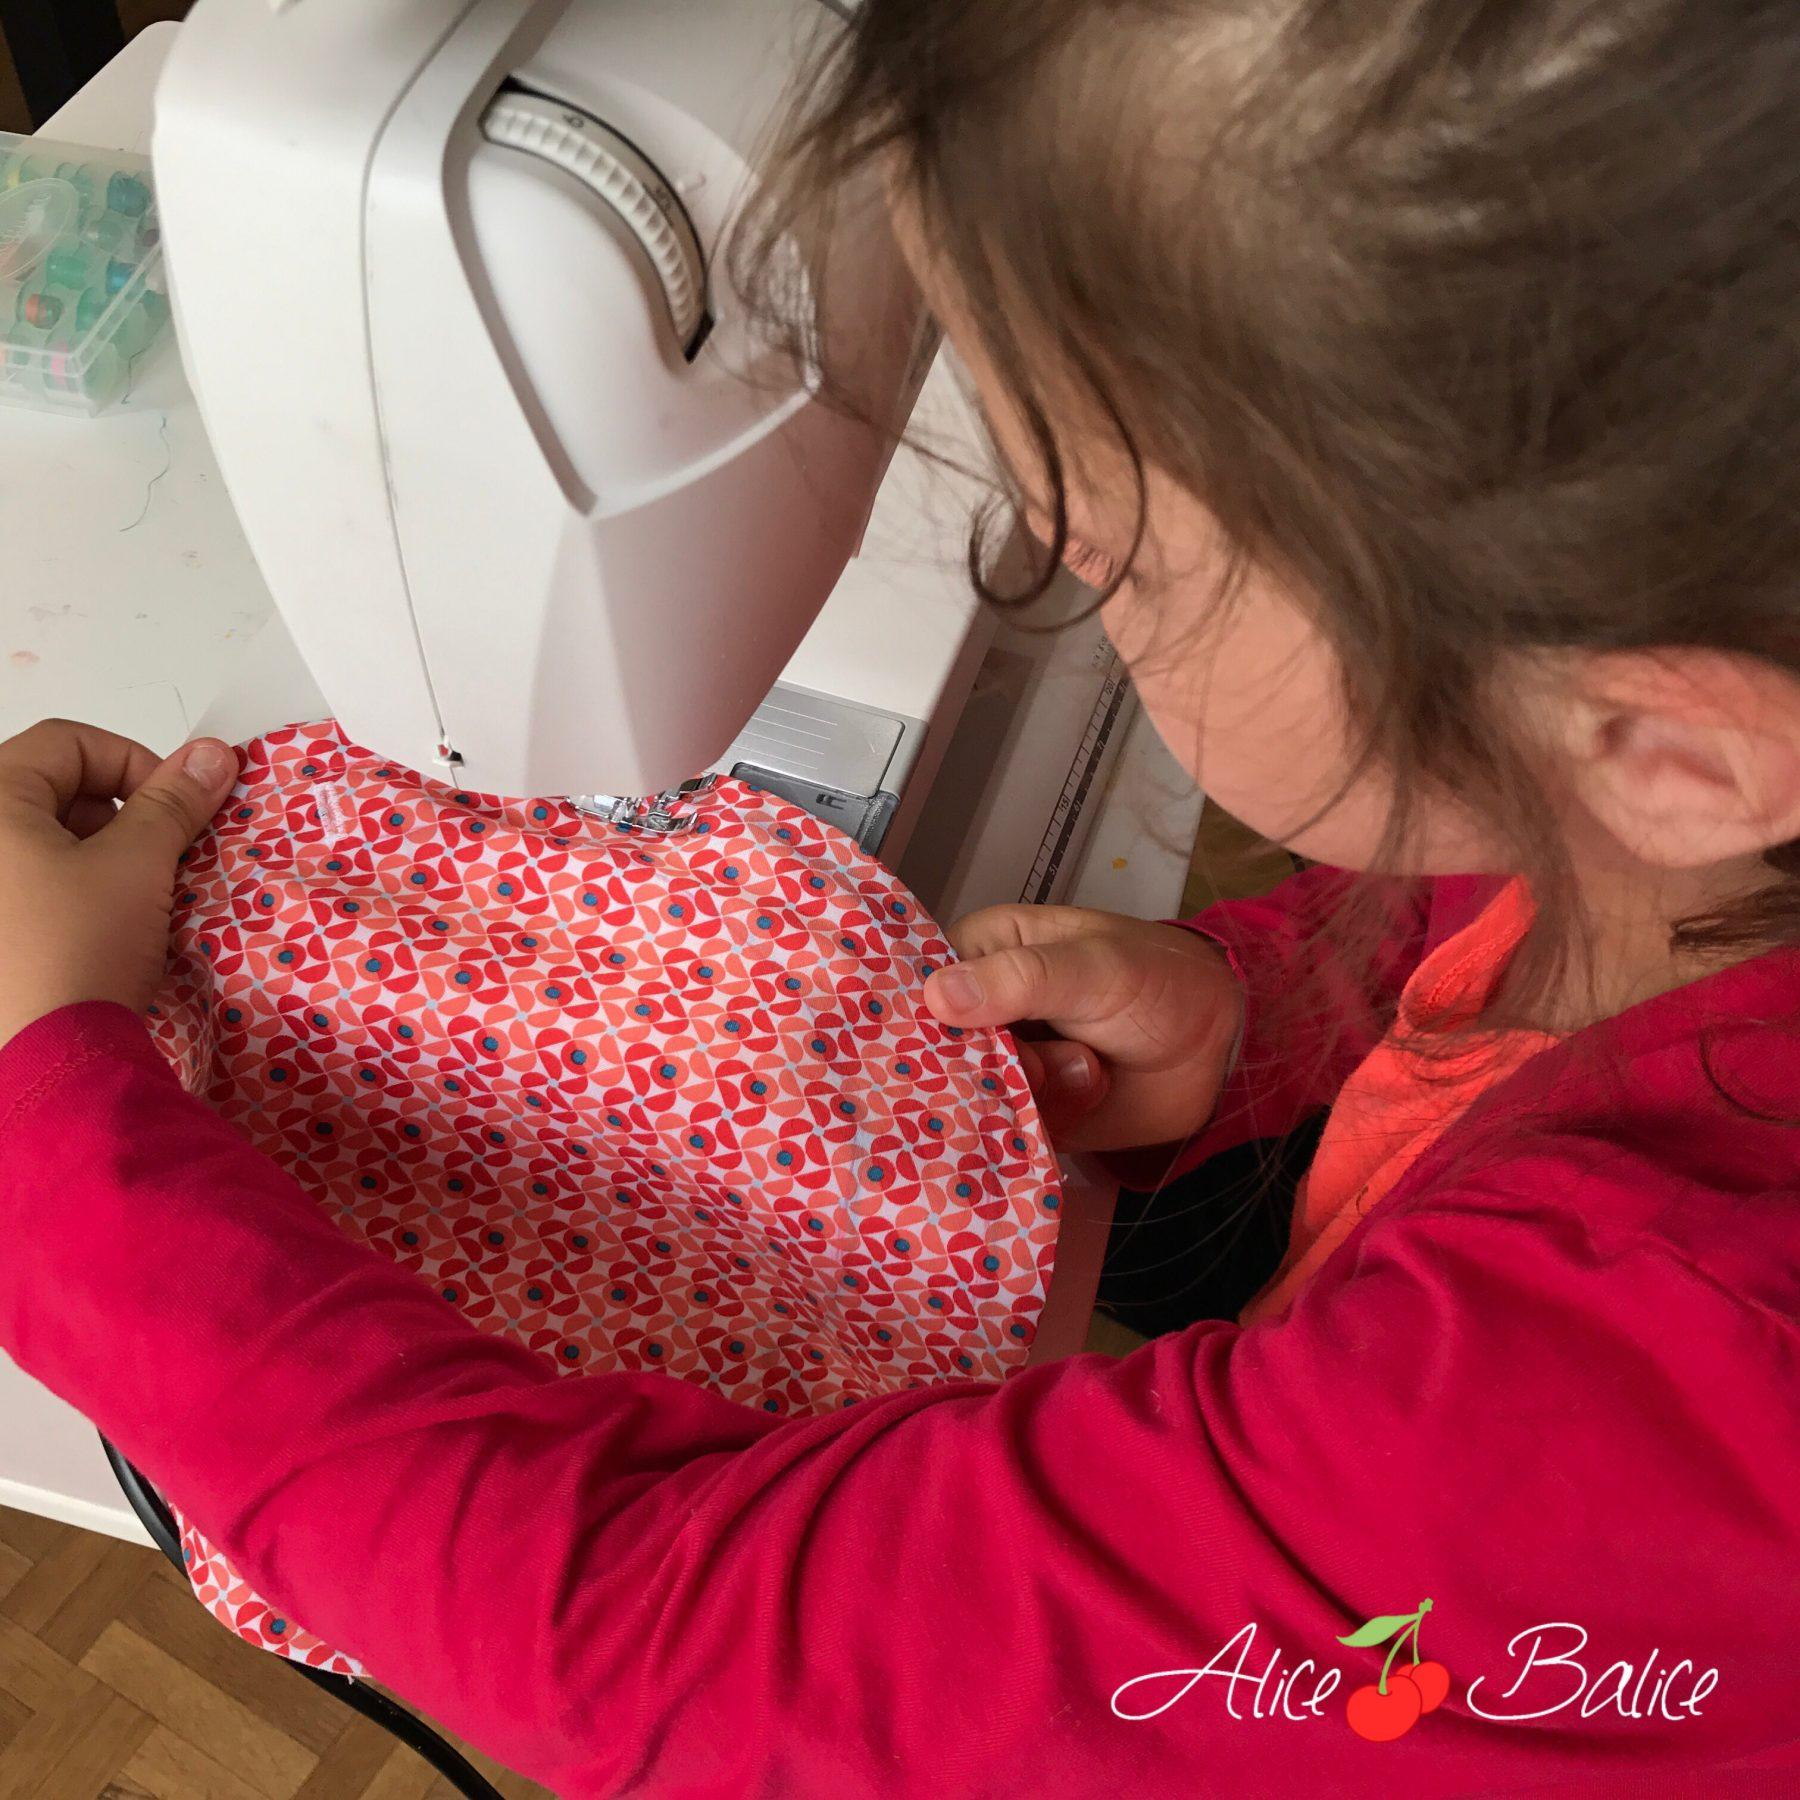 alice balice | première cousette de ma fille de 6 ans | couture | sewing | enfant | pochette enveloppe | cadeau maîtresse | bourse à trésors